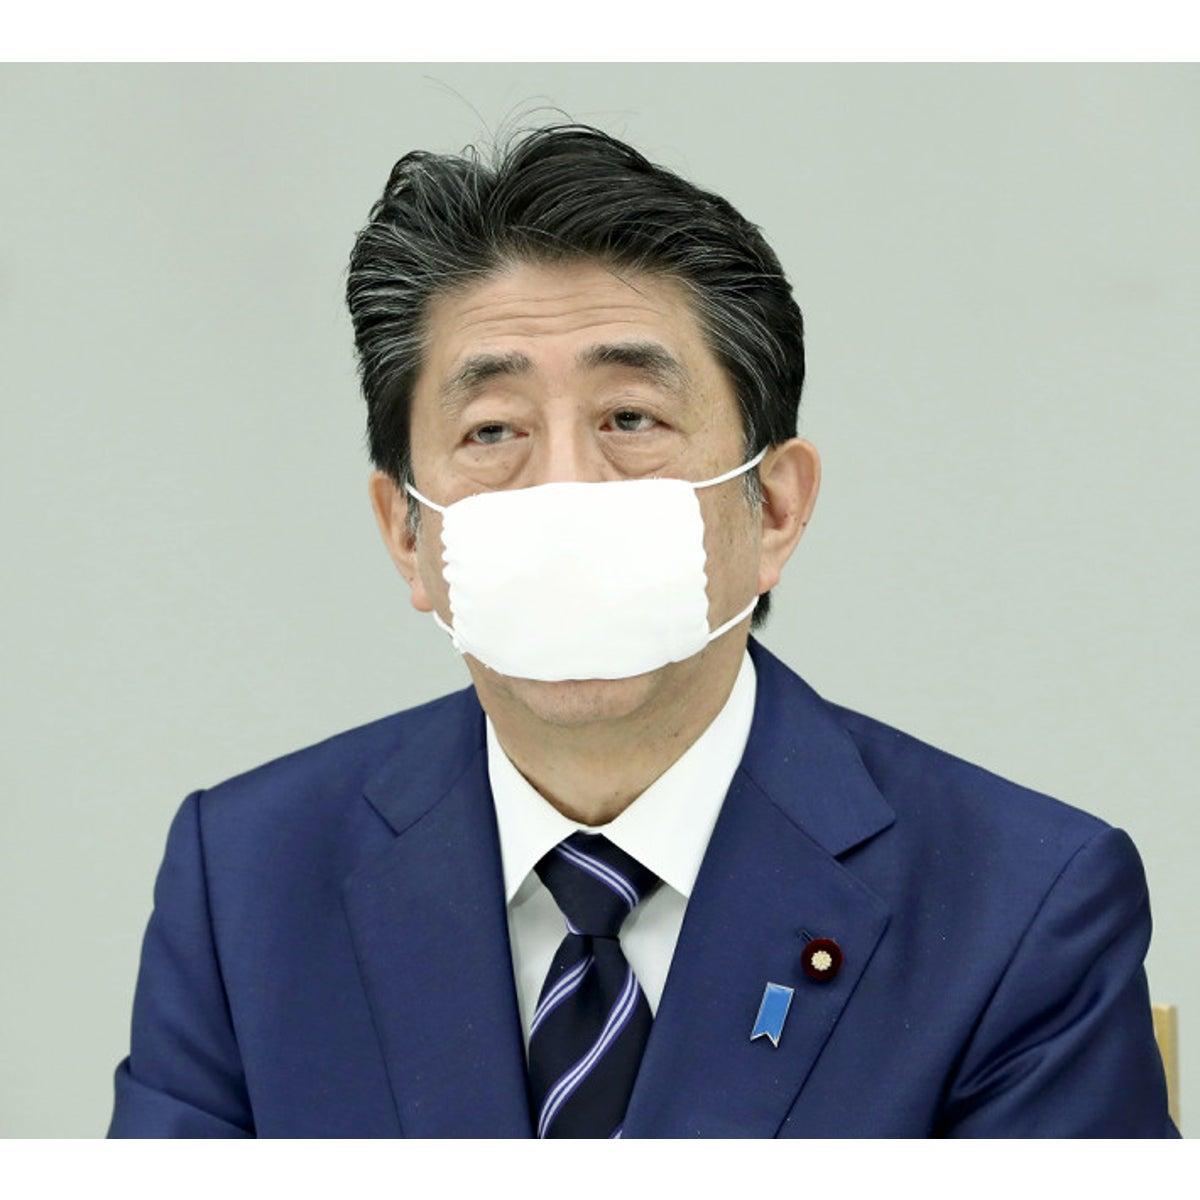 マスク 安倍 1住所当たり2枚の布マスクを配布の方針 安倍首相